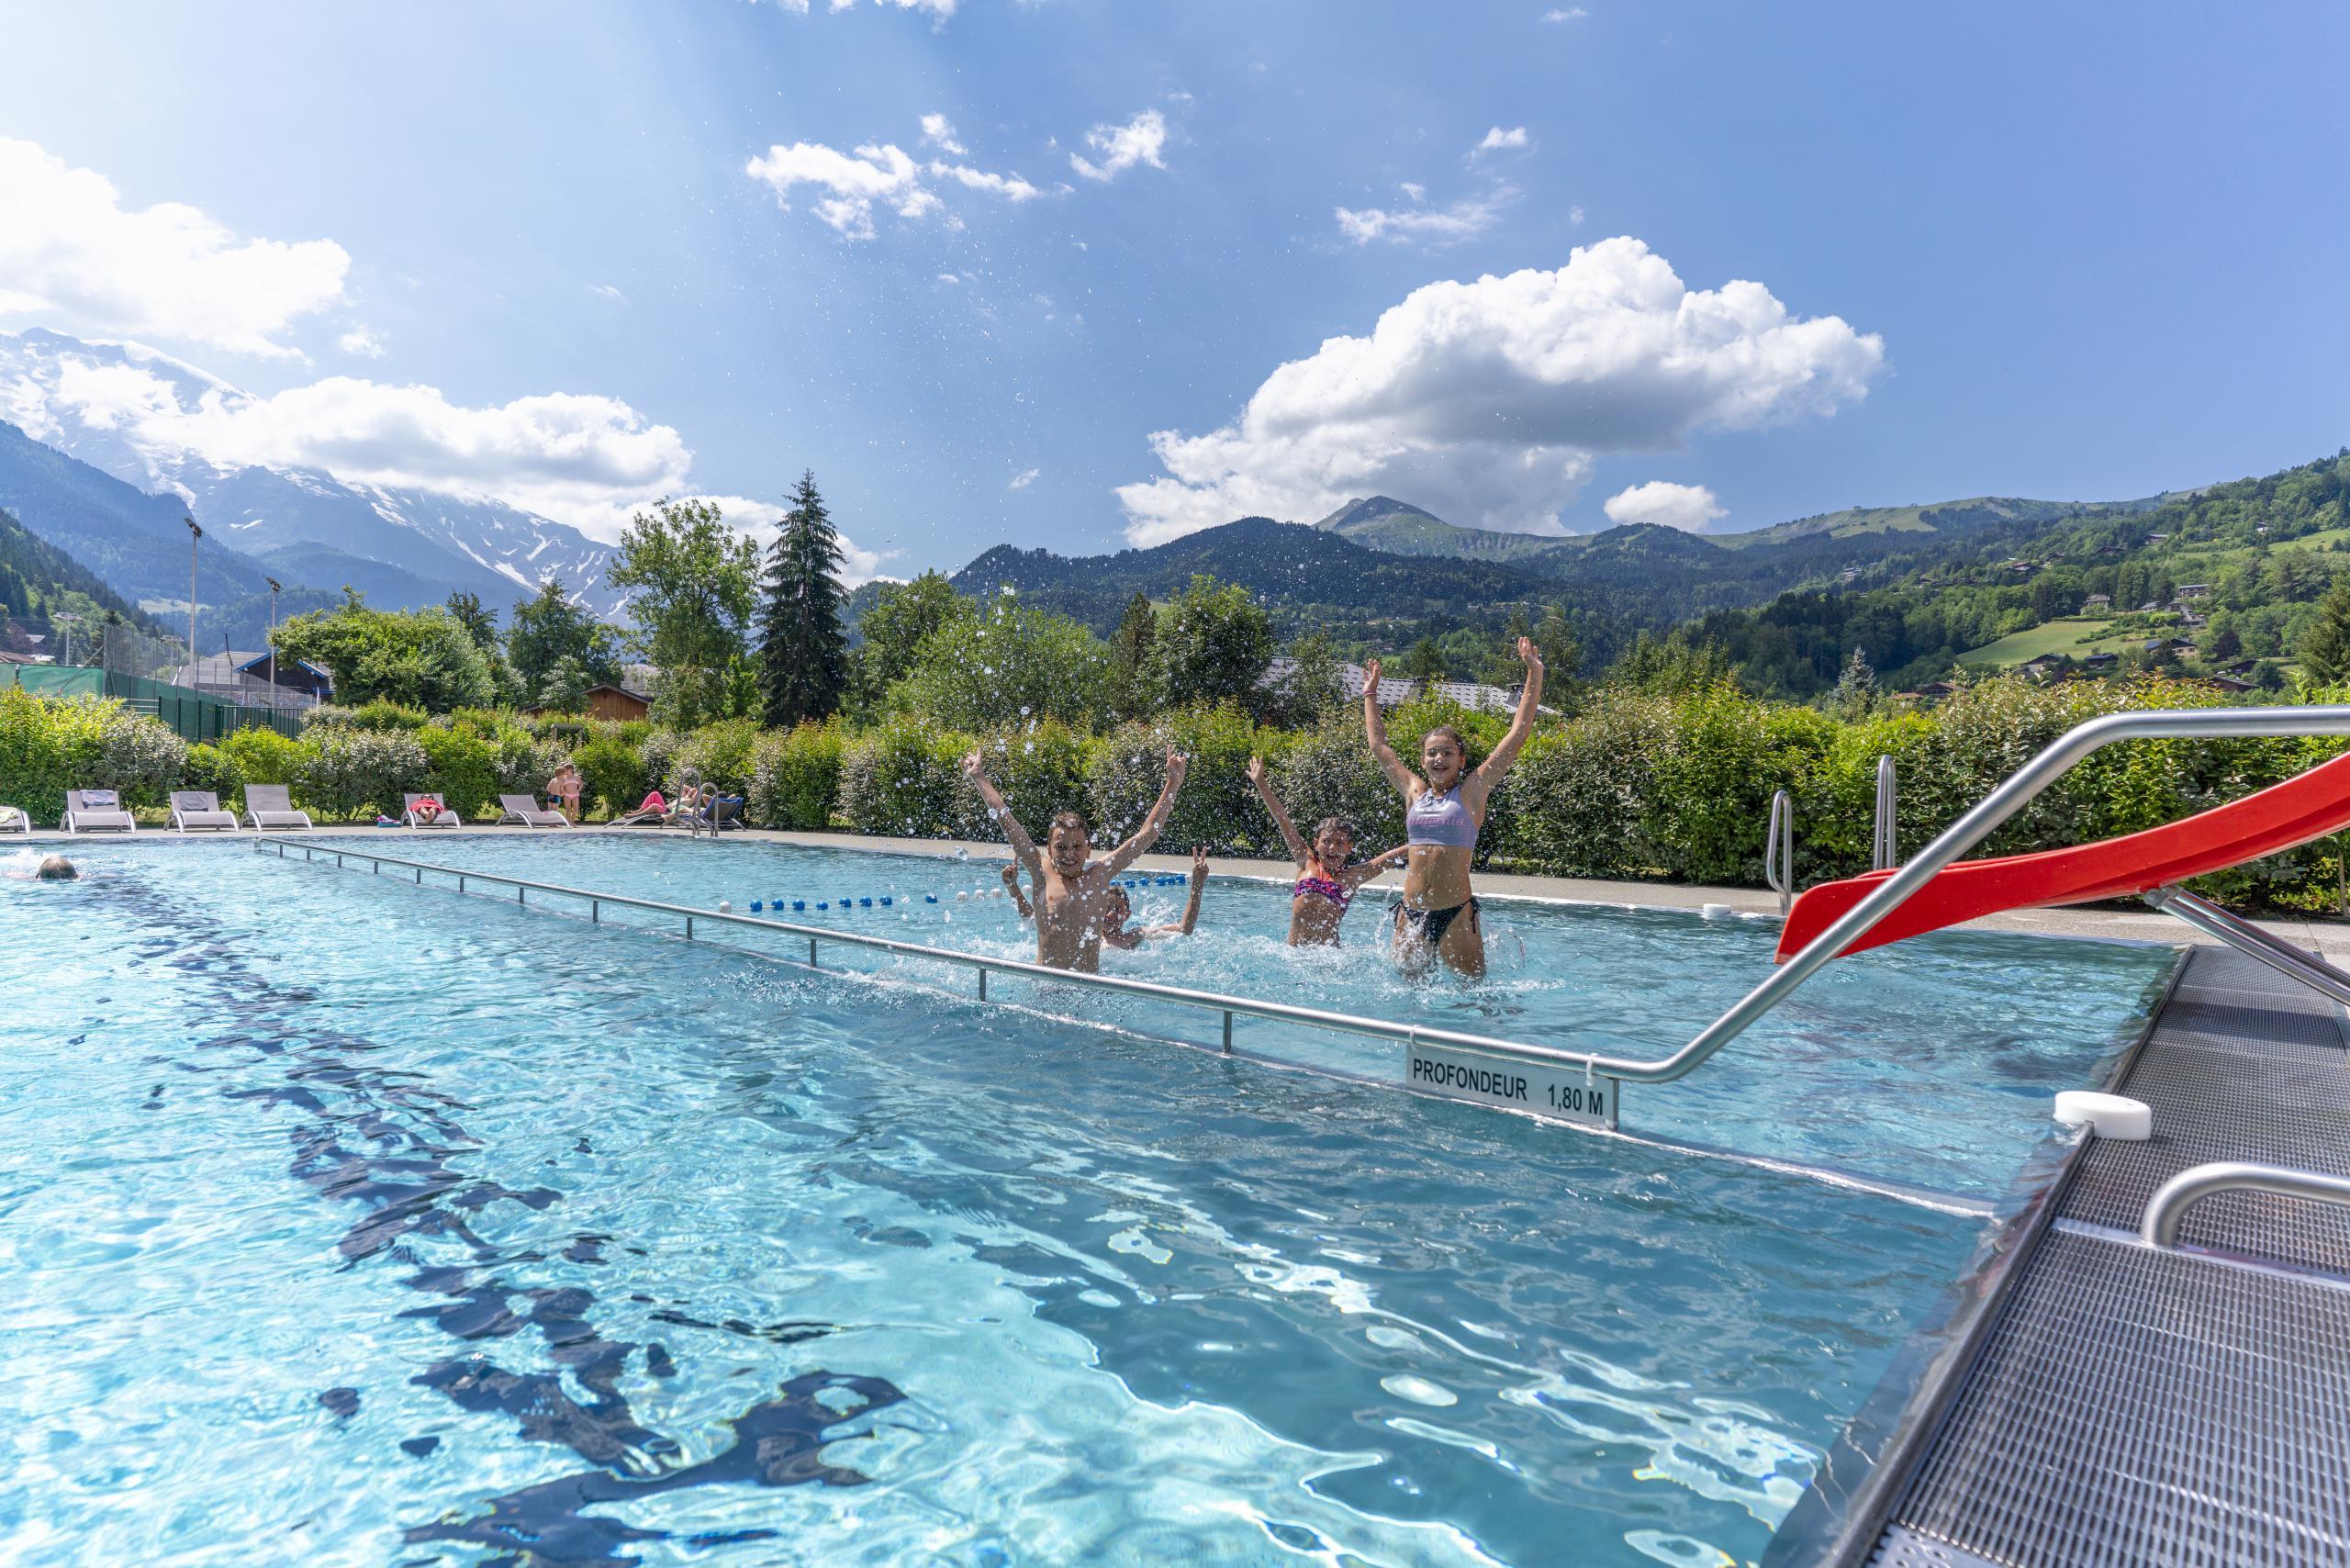 Location De Vacances Saint Gervais à Piscine Saint Gervais Les Bains